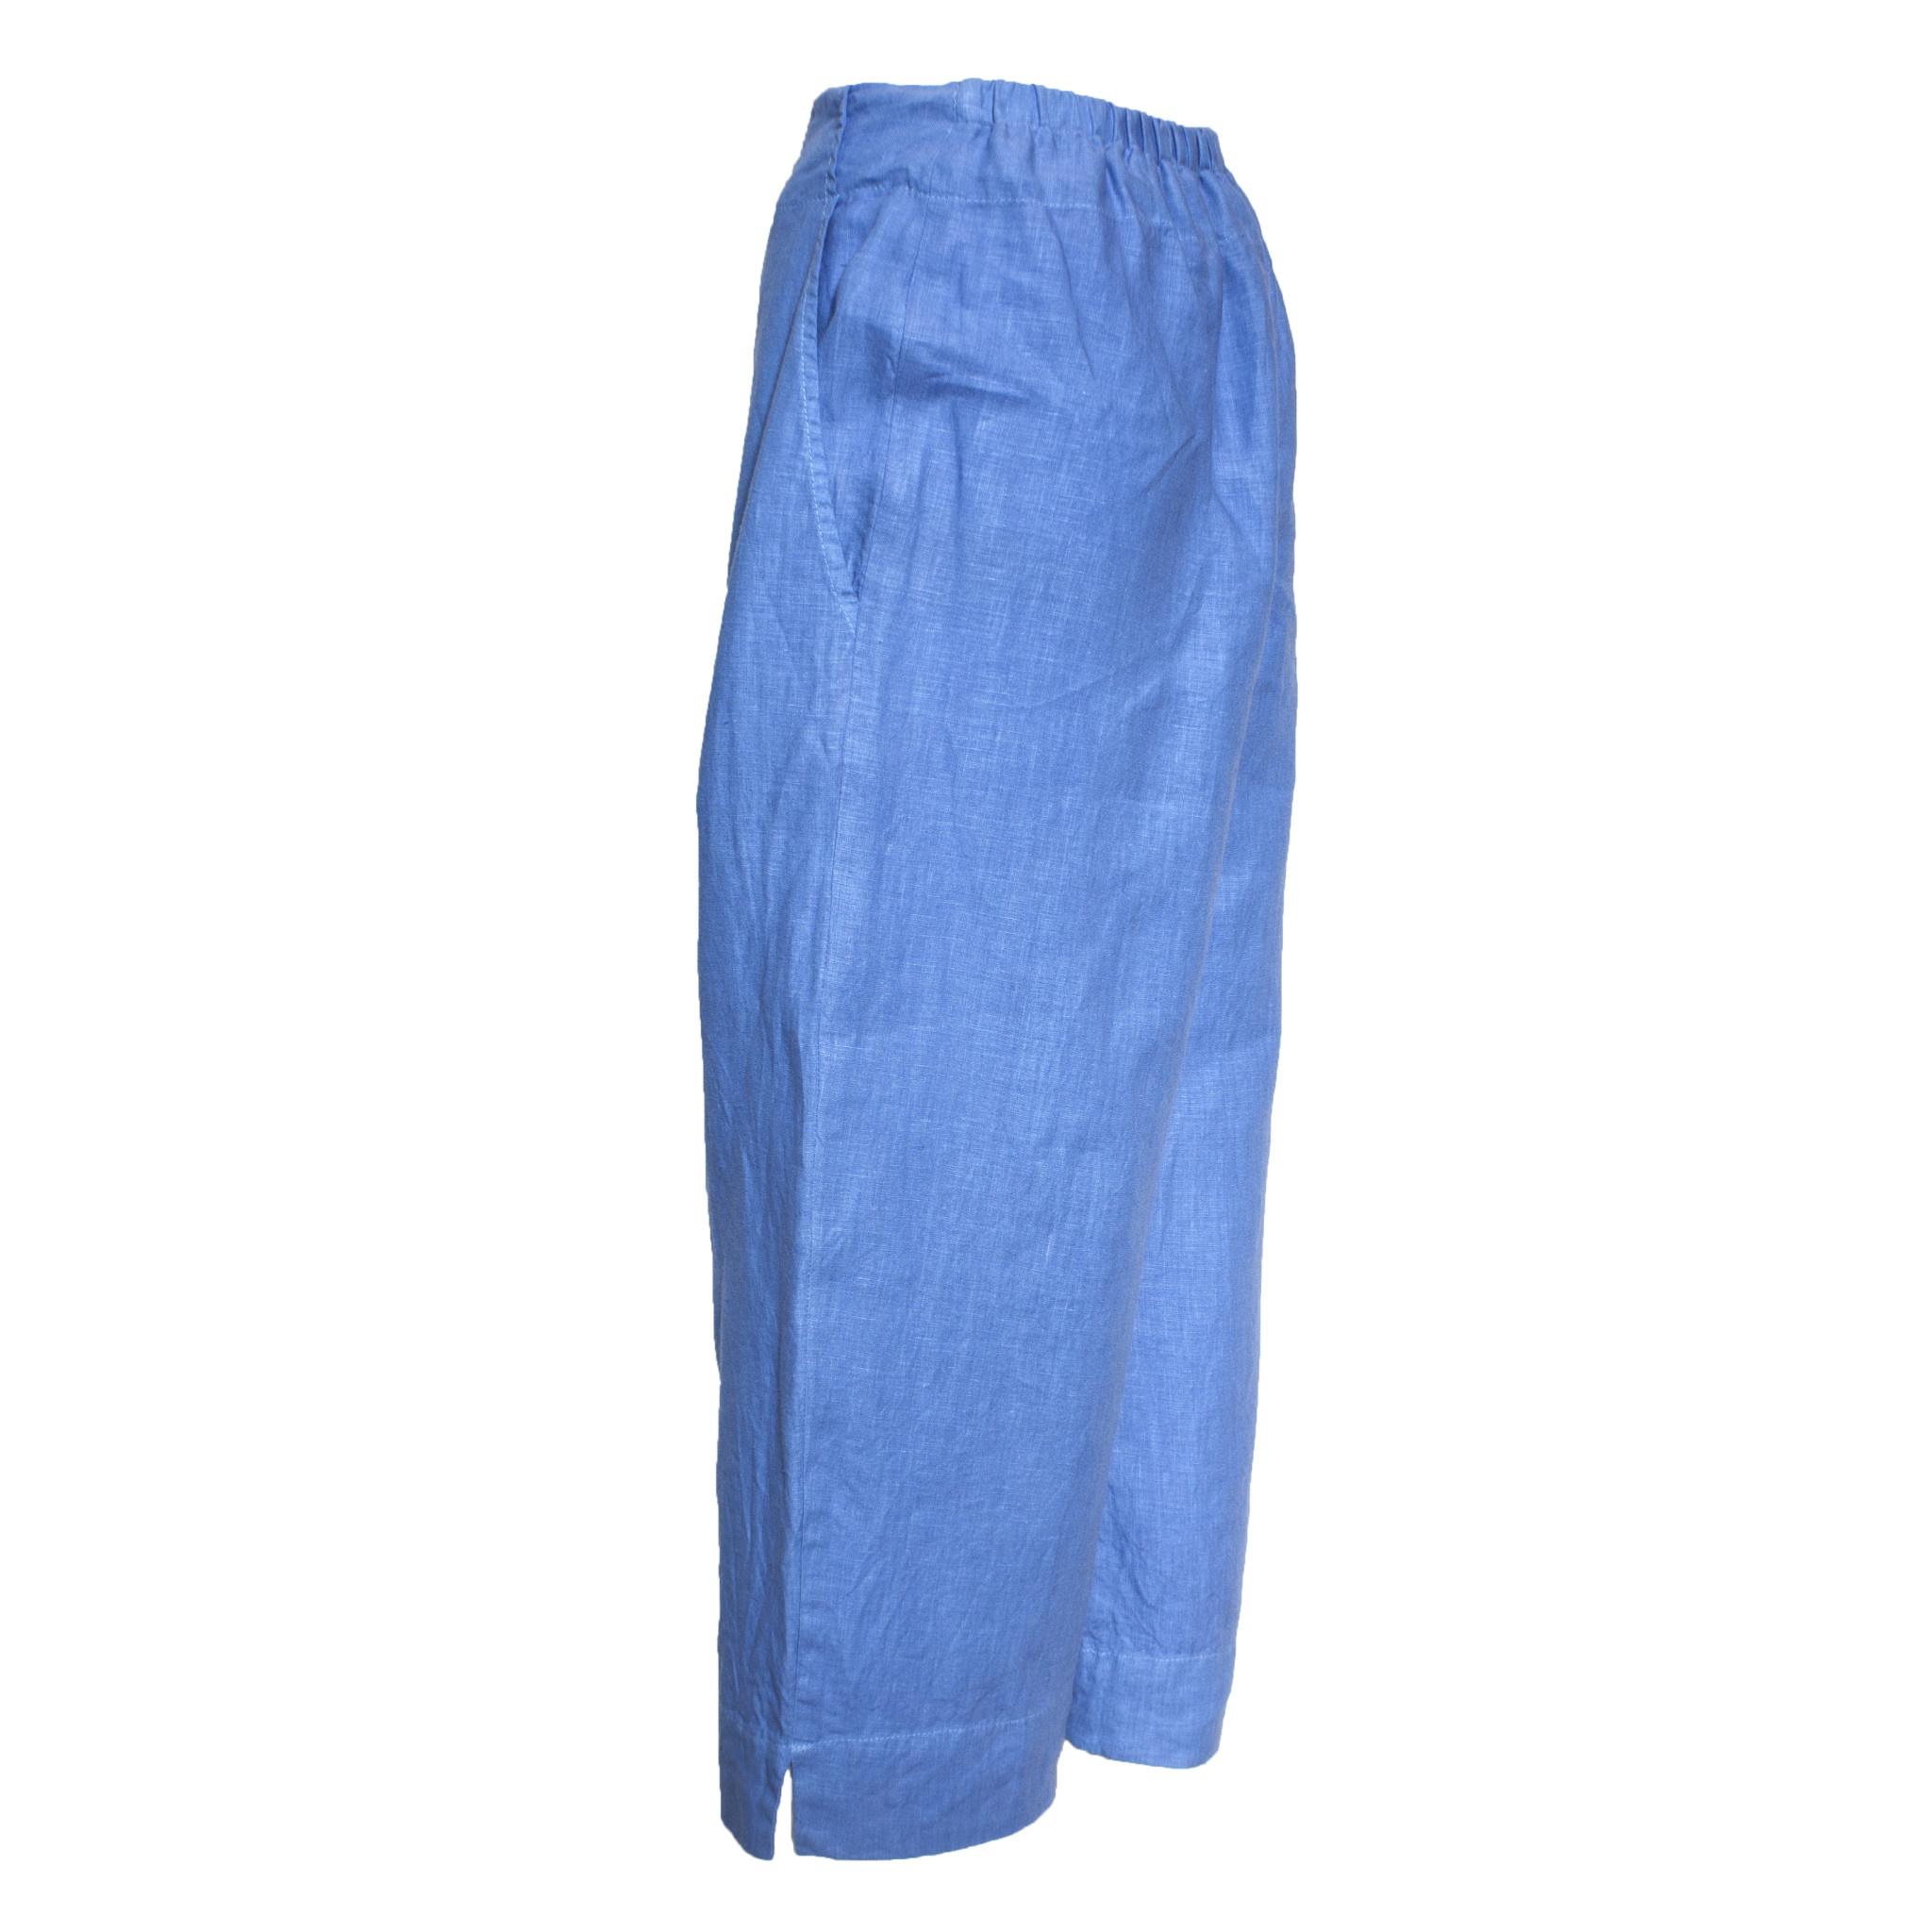 Banana Blue Banana Blue Pant